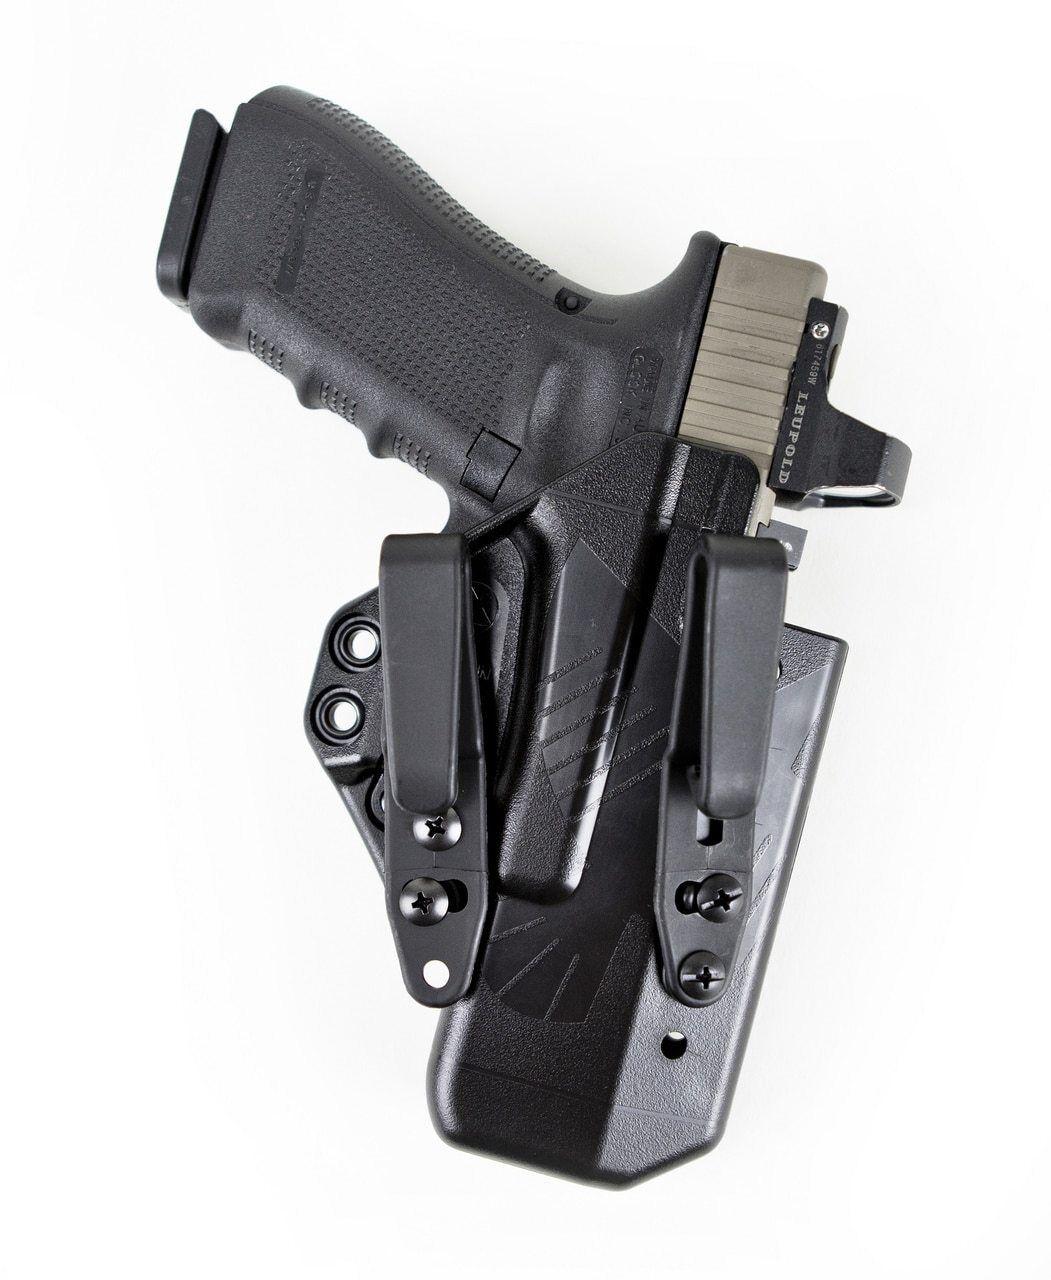 Raven ocultamiento Eidolon Básico Kit Kit Kit tucke Holster RMR Corto Para Glock 17 22 31 592ce5